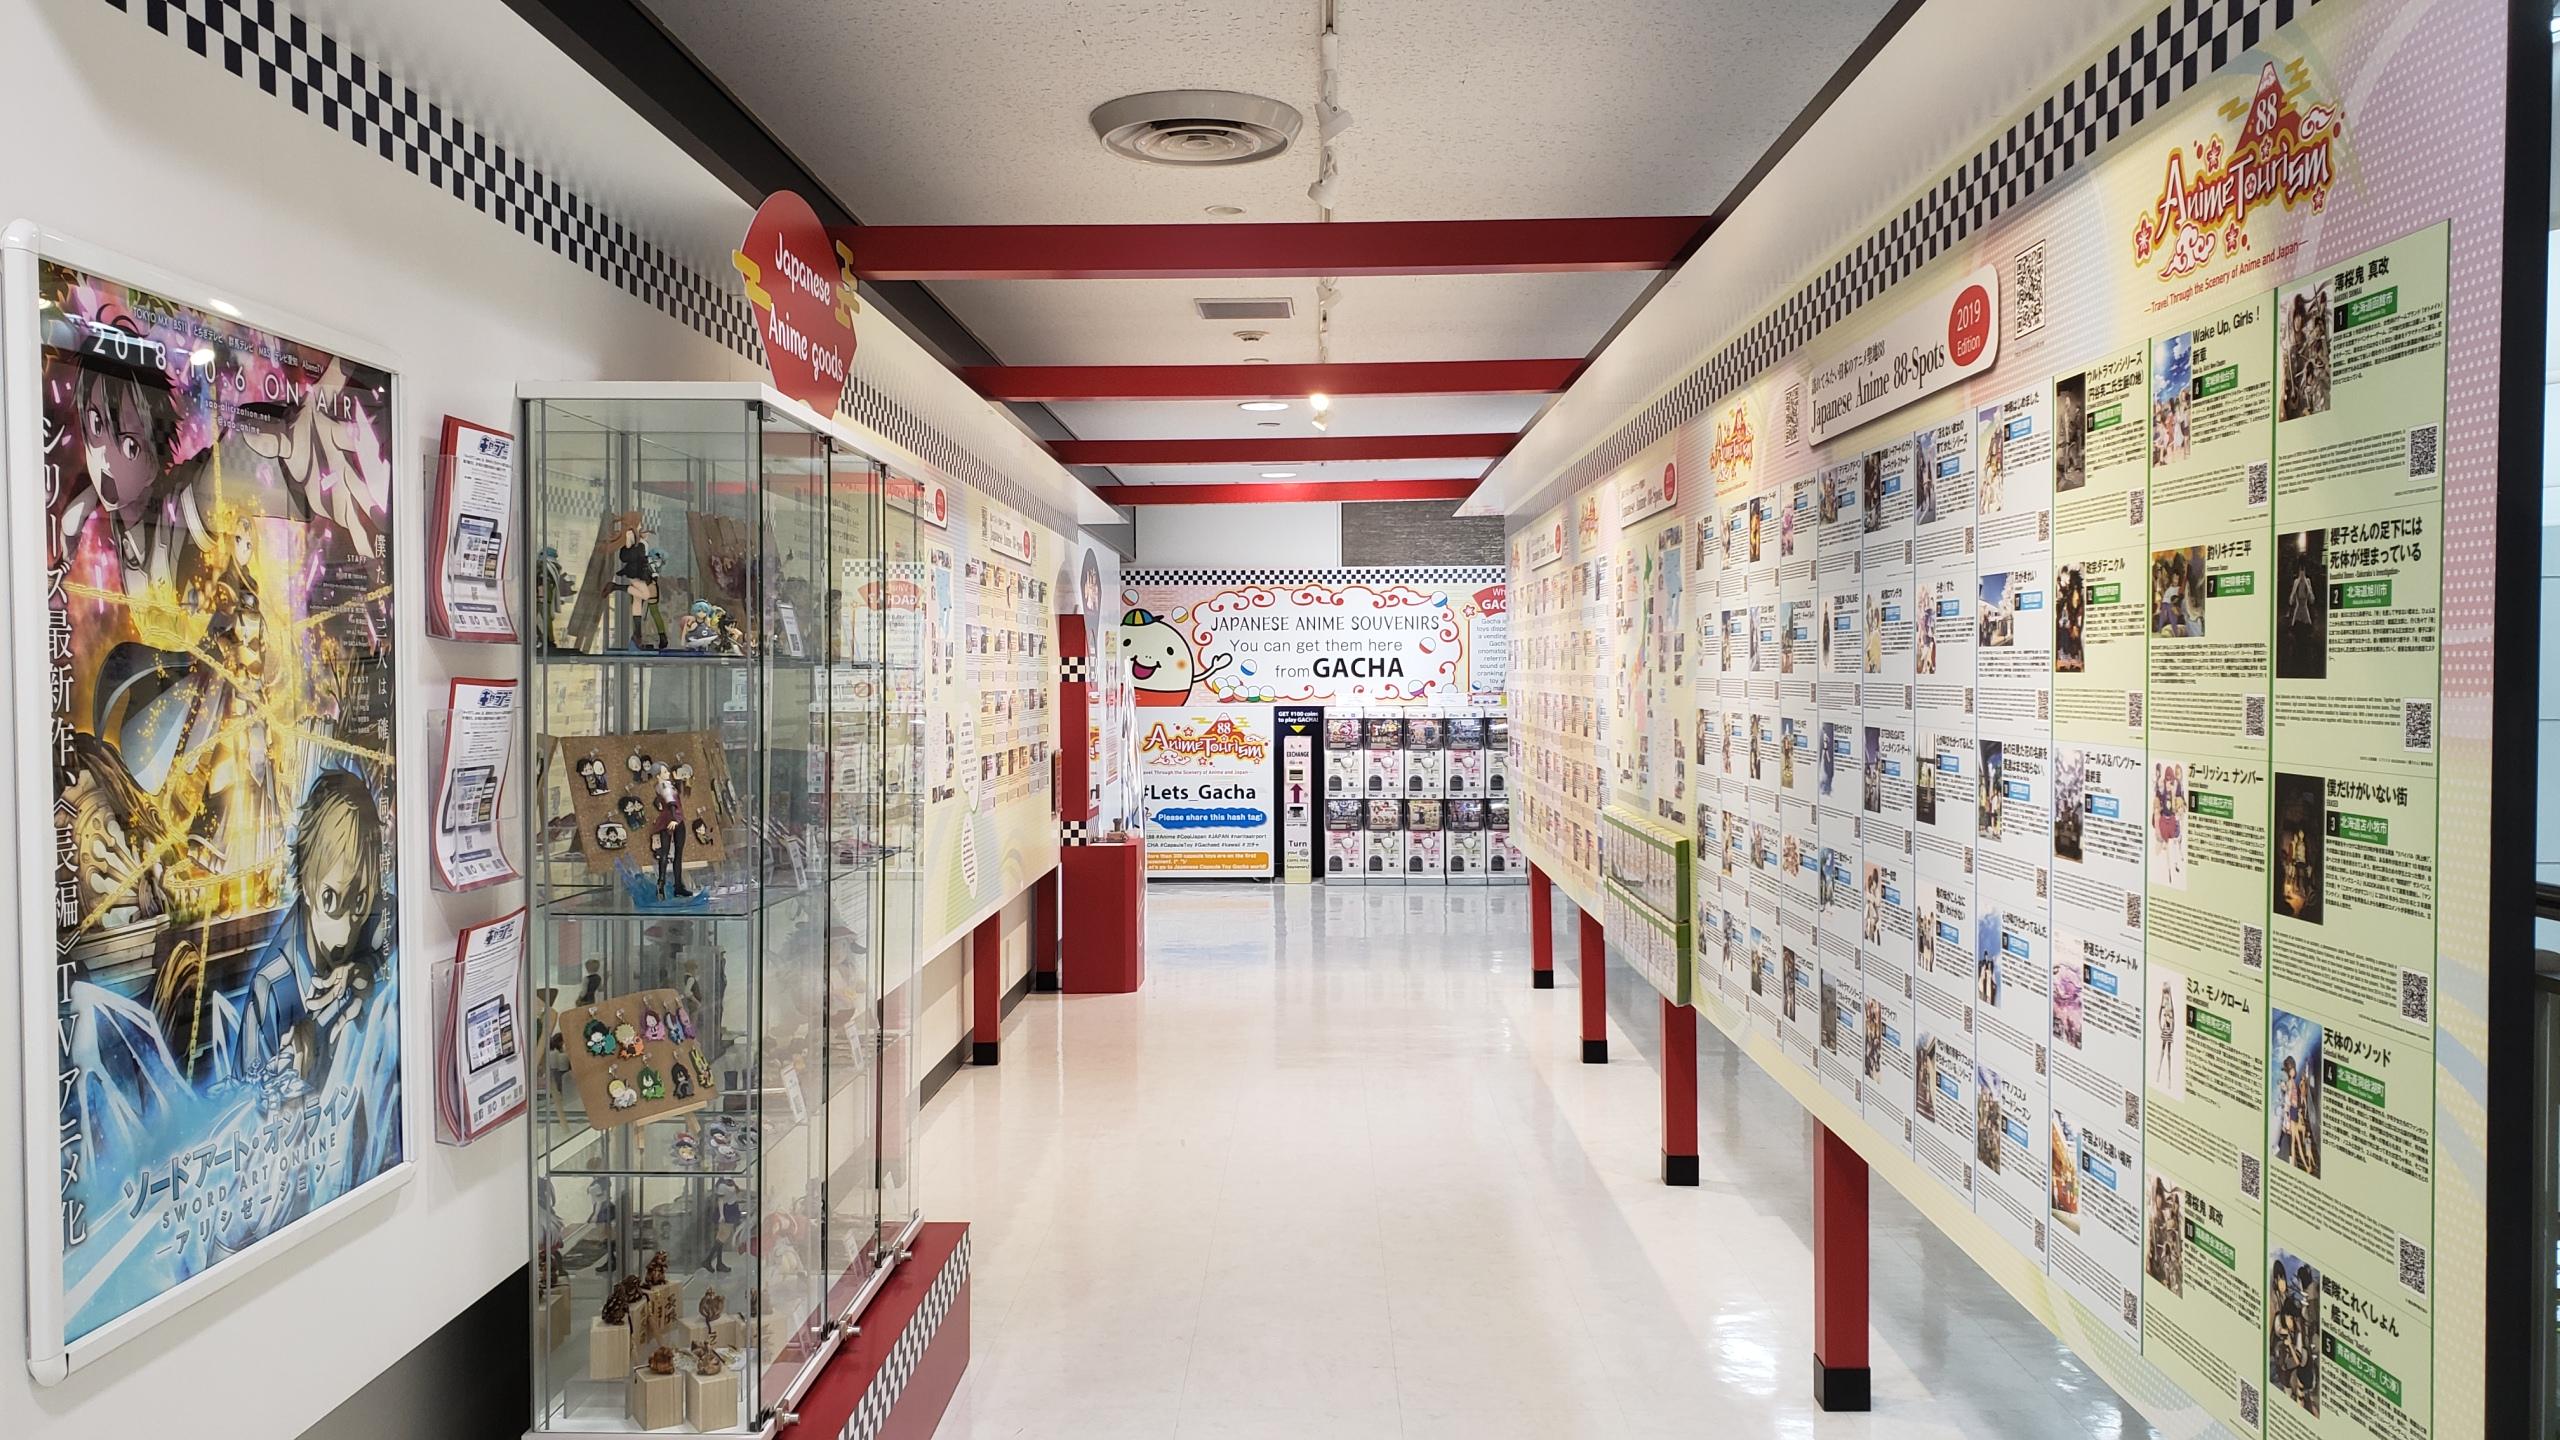 成田空港0番札所 第二ターミナルの 「アニメツーリズム インフォメーション」がリニューアル